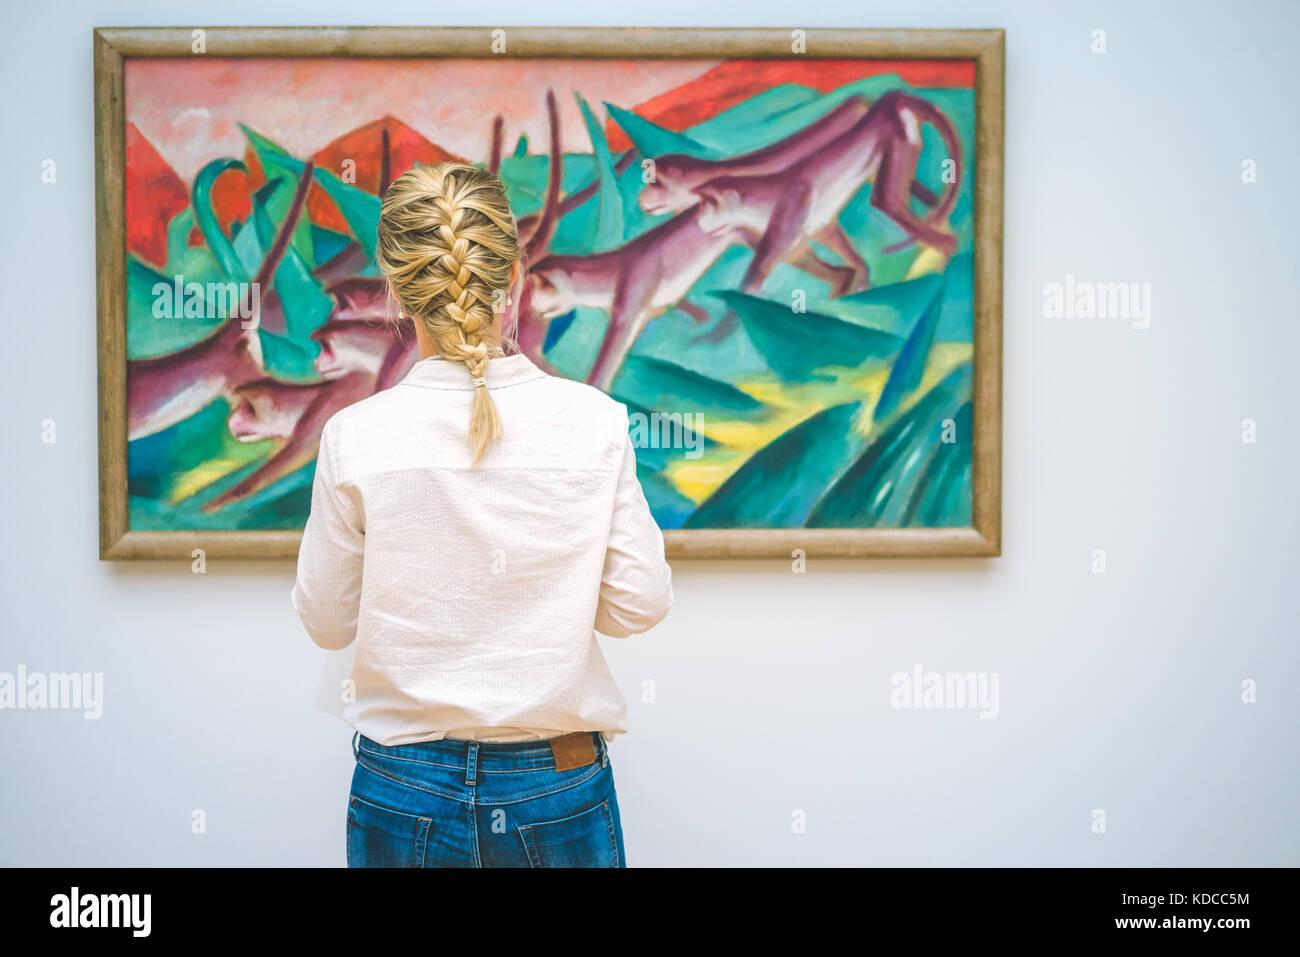 HAMBURG, DEUTSCHLAND - 9. JULI 2017: Hamburger Kunsthalle Kunst Museum. Jung Frau vor der Malerei Stockbild